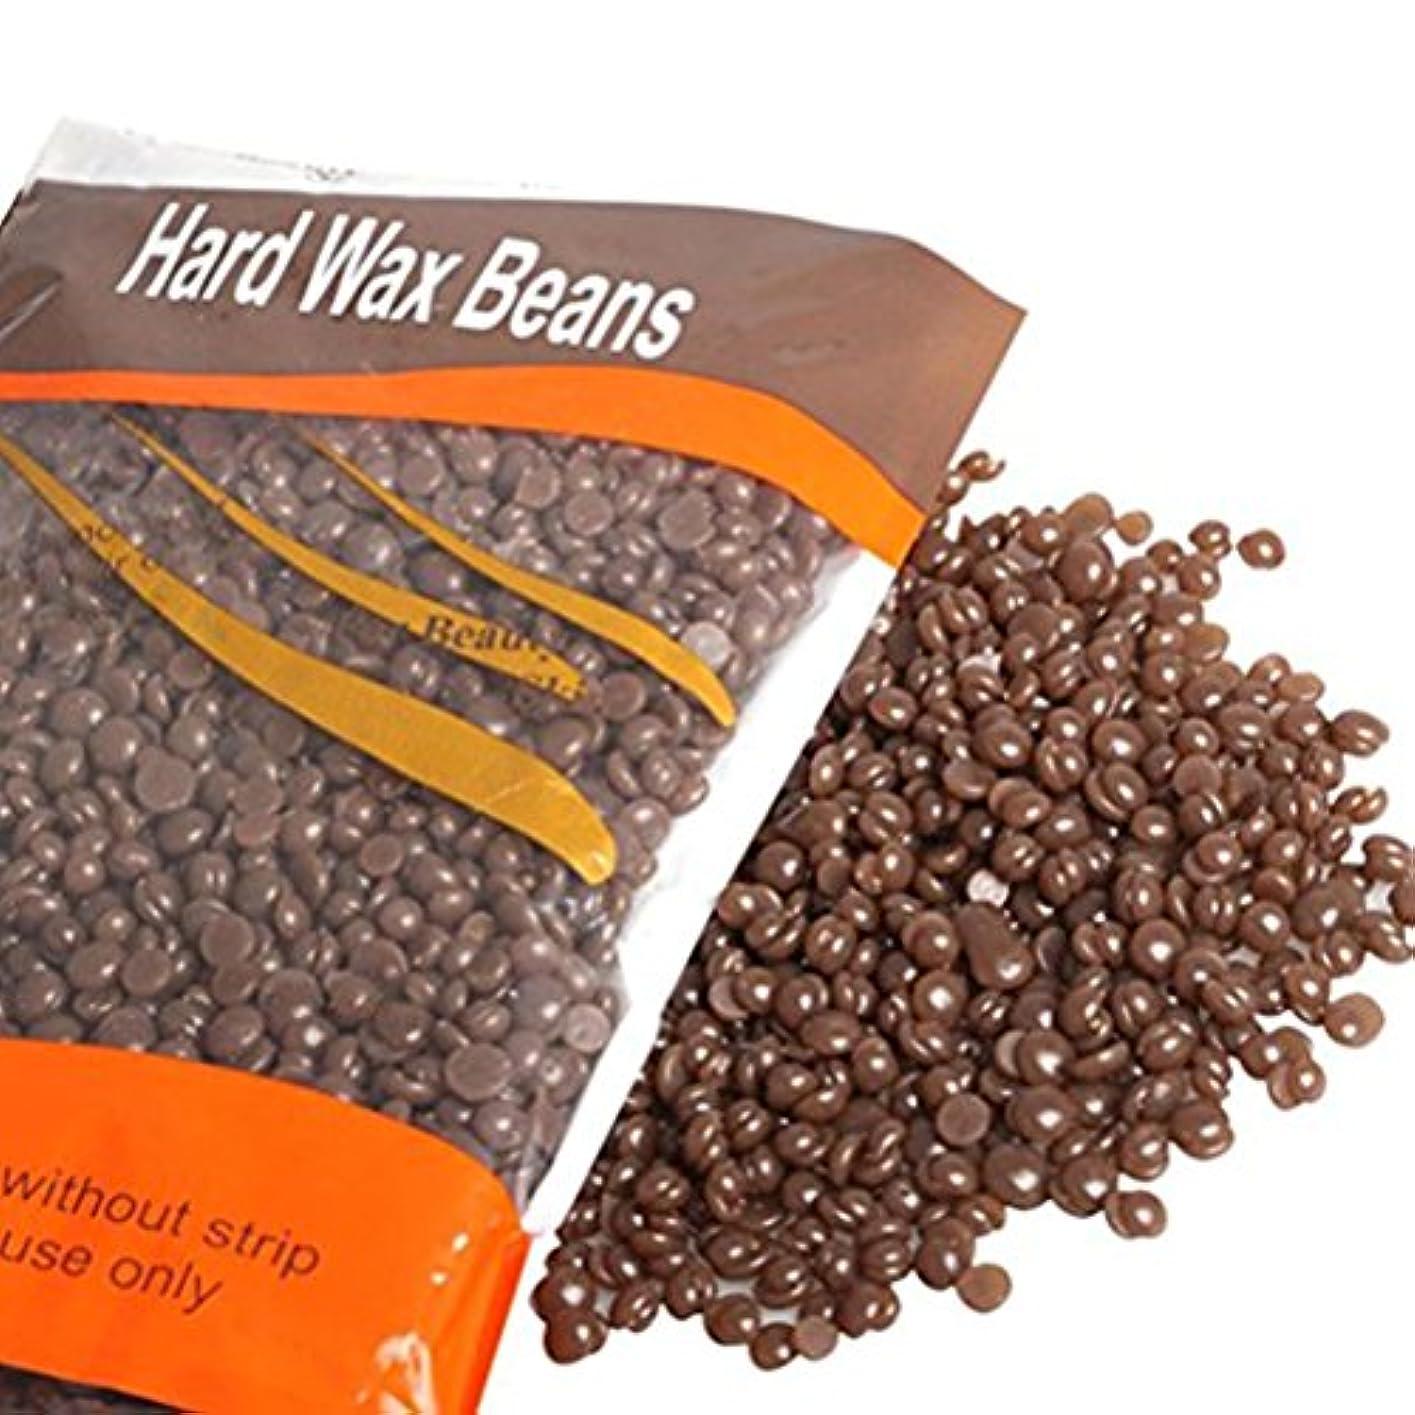 相関する地域上昇Healifty ワックス豆 脱毛 ワックス ワックス豆ペレット ムダ毛 ひげ わき すね ビキニ 全身で利用でき スパチュラ 脱毛紙 ワックス豆 300グラム(チョコレート)